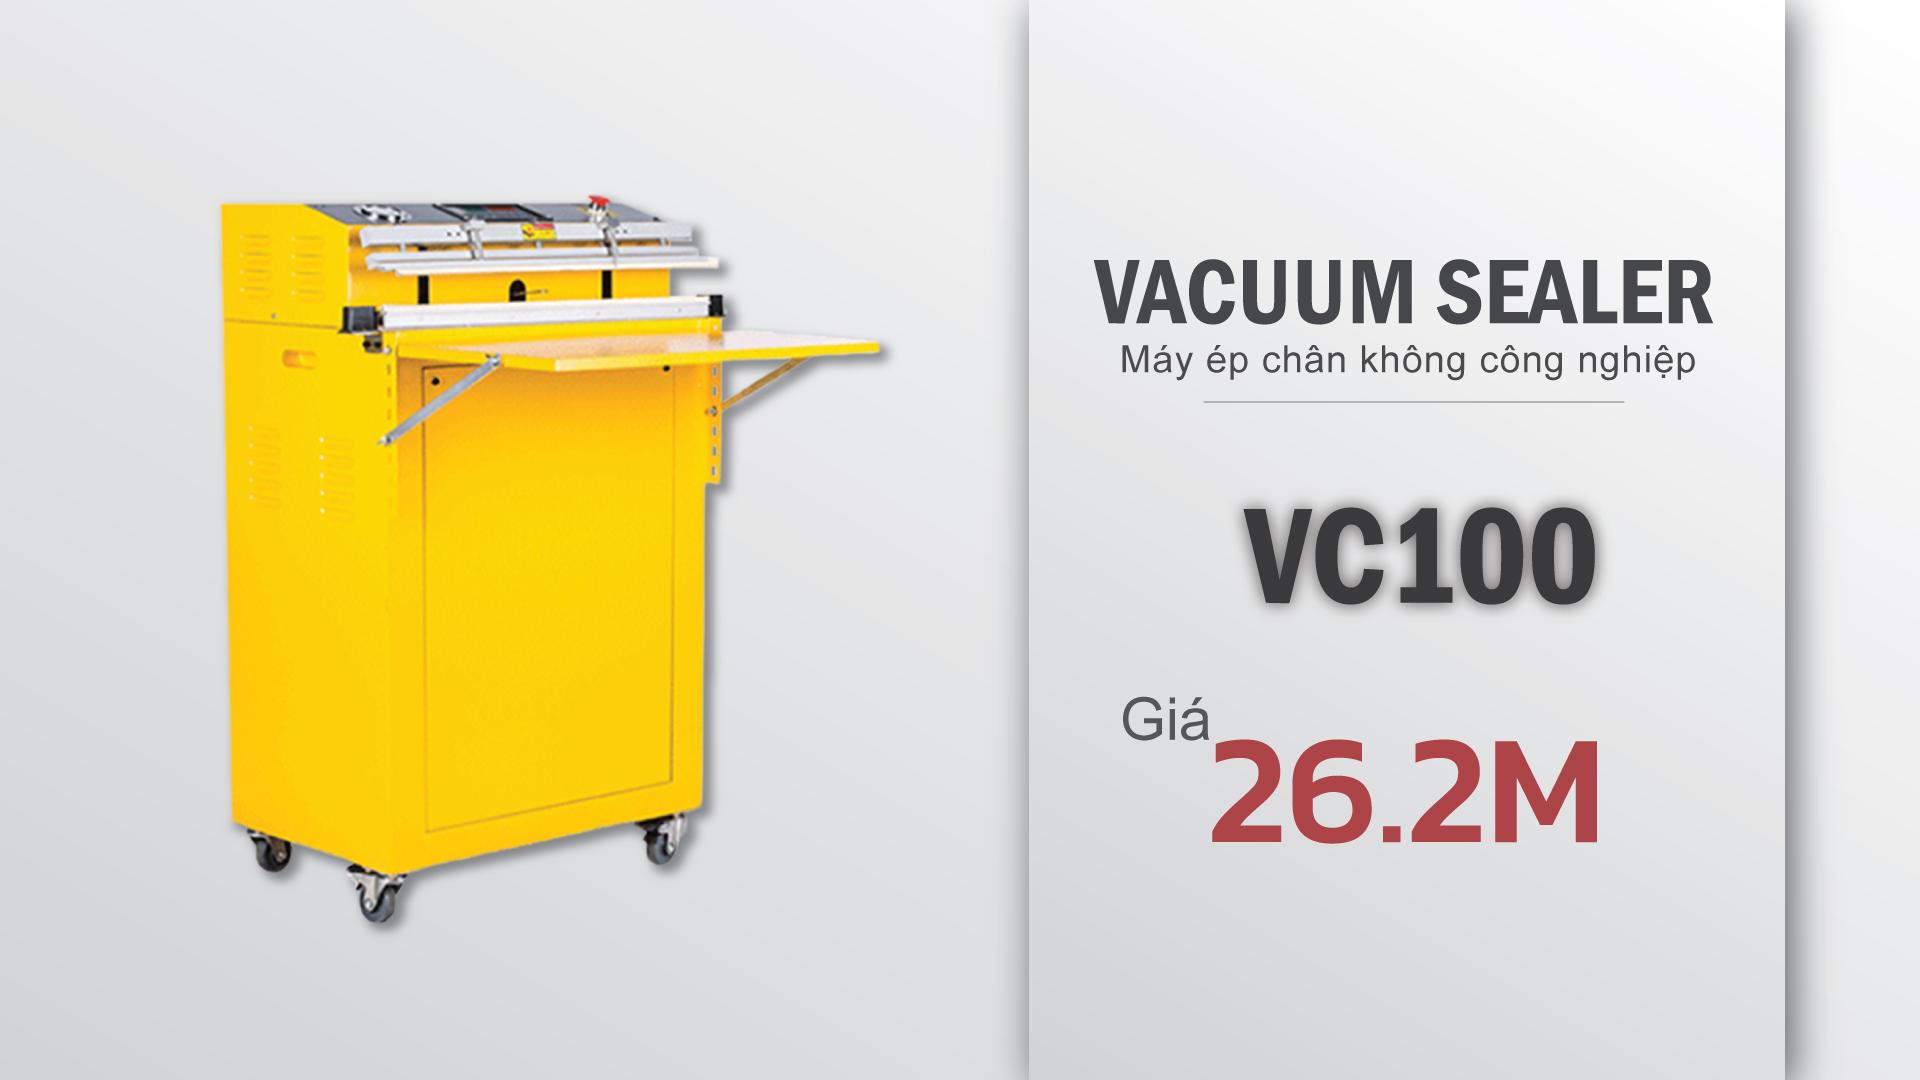 Máy-ép-chân-không-công-nghiệp-VC100-prices-v.2